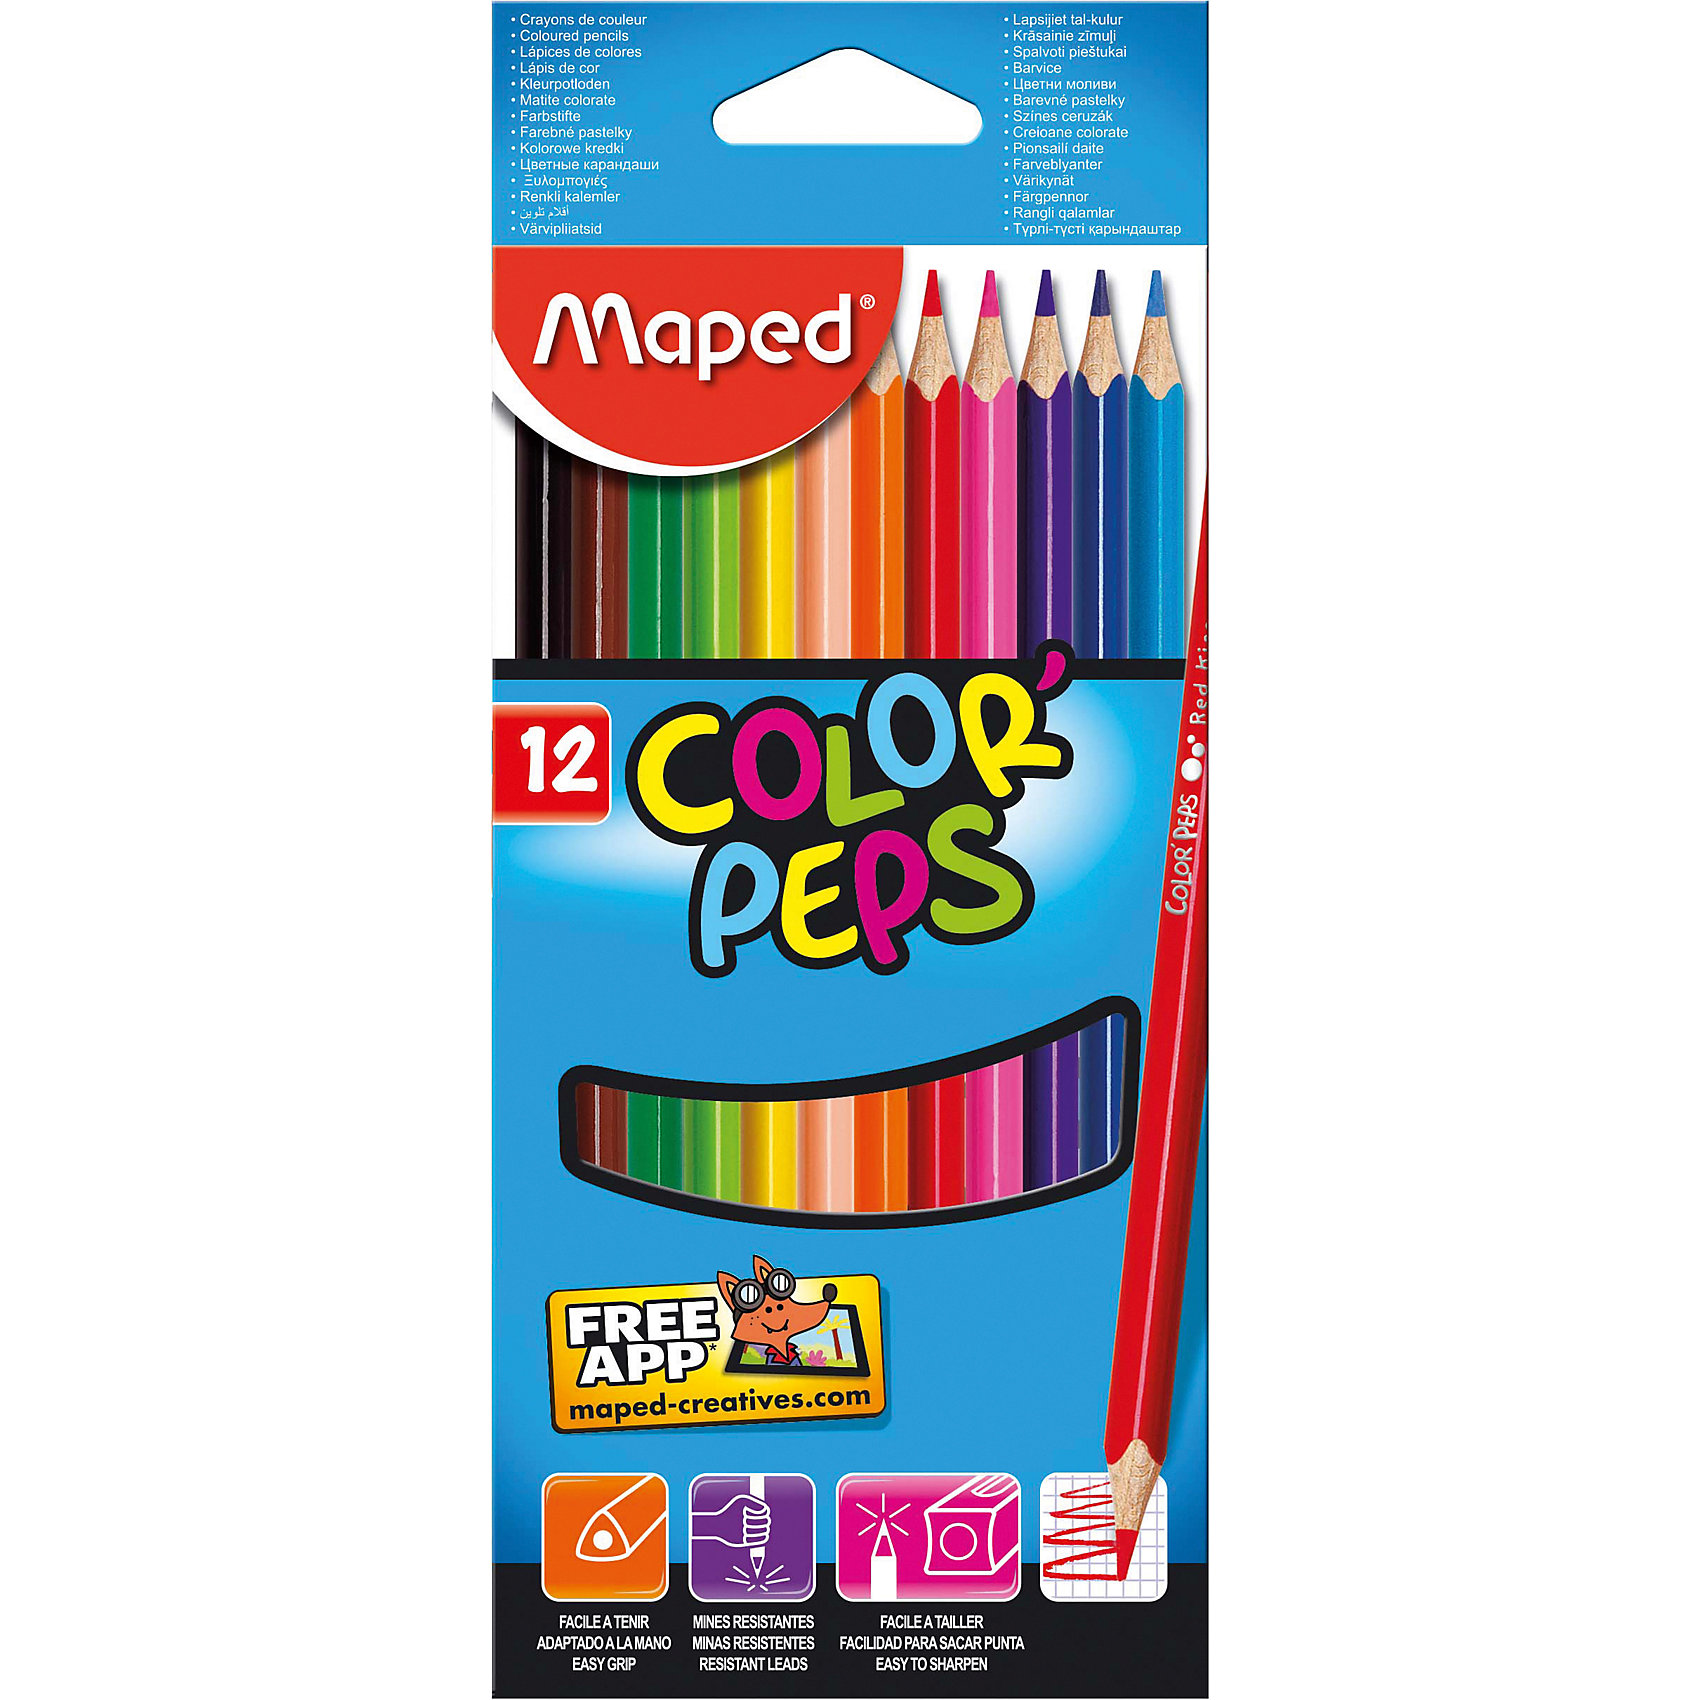 Maped Набор цветных карандашей, 12 цв.Рисование<br>MAPED COLORPEPS Карандаши цветные из американской липы,  треугольные, ударопрочный грифель, в картонном футляре, 12 цветов.<br><br>Ширина мм: 65<br>Глубина мм: 95<br>Высота мм: 214<br>Вес г: 65<br>Возраст от месяцев: 36<br>Возраст до месяцев: 216<br>Пол: Унисекс<br>Возраст: Детский<br>SKU: 3157375